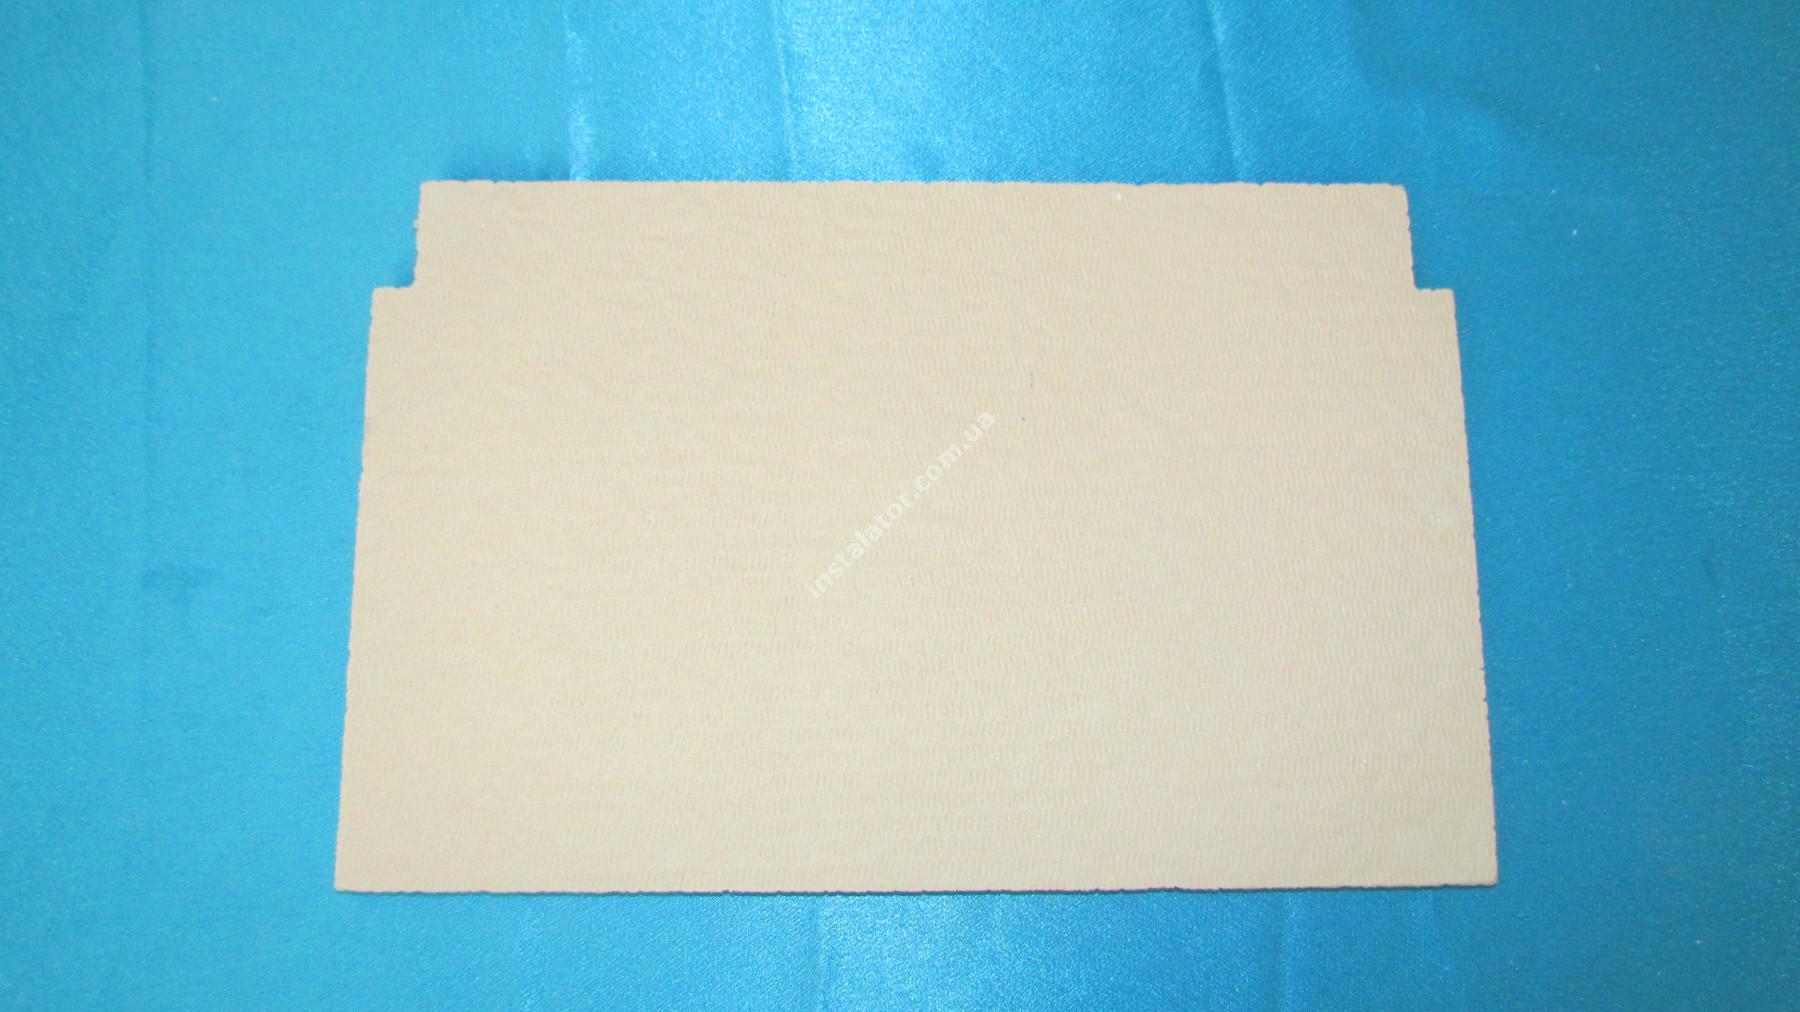 998640 Ізоляція камери згорання задня панель ARISTON  full-image-0